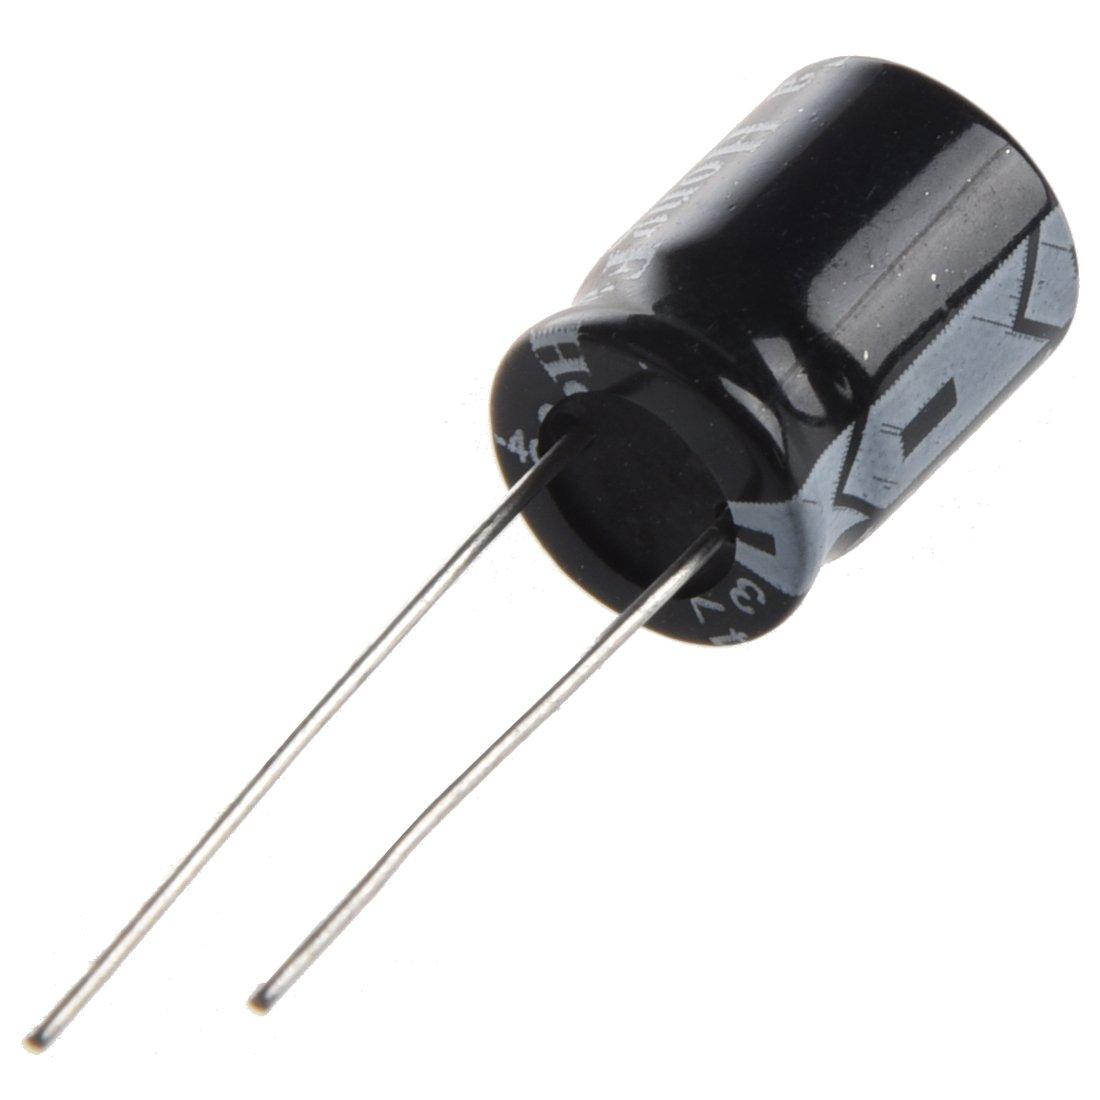 SODIAL(R) 50 Pcs 470uF 35V Aluminum Electrolytic Capacitors 10x13mm